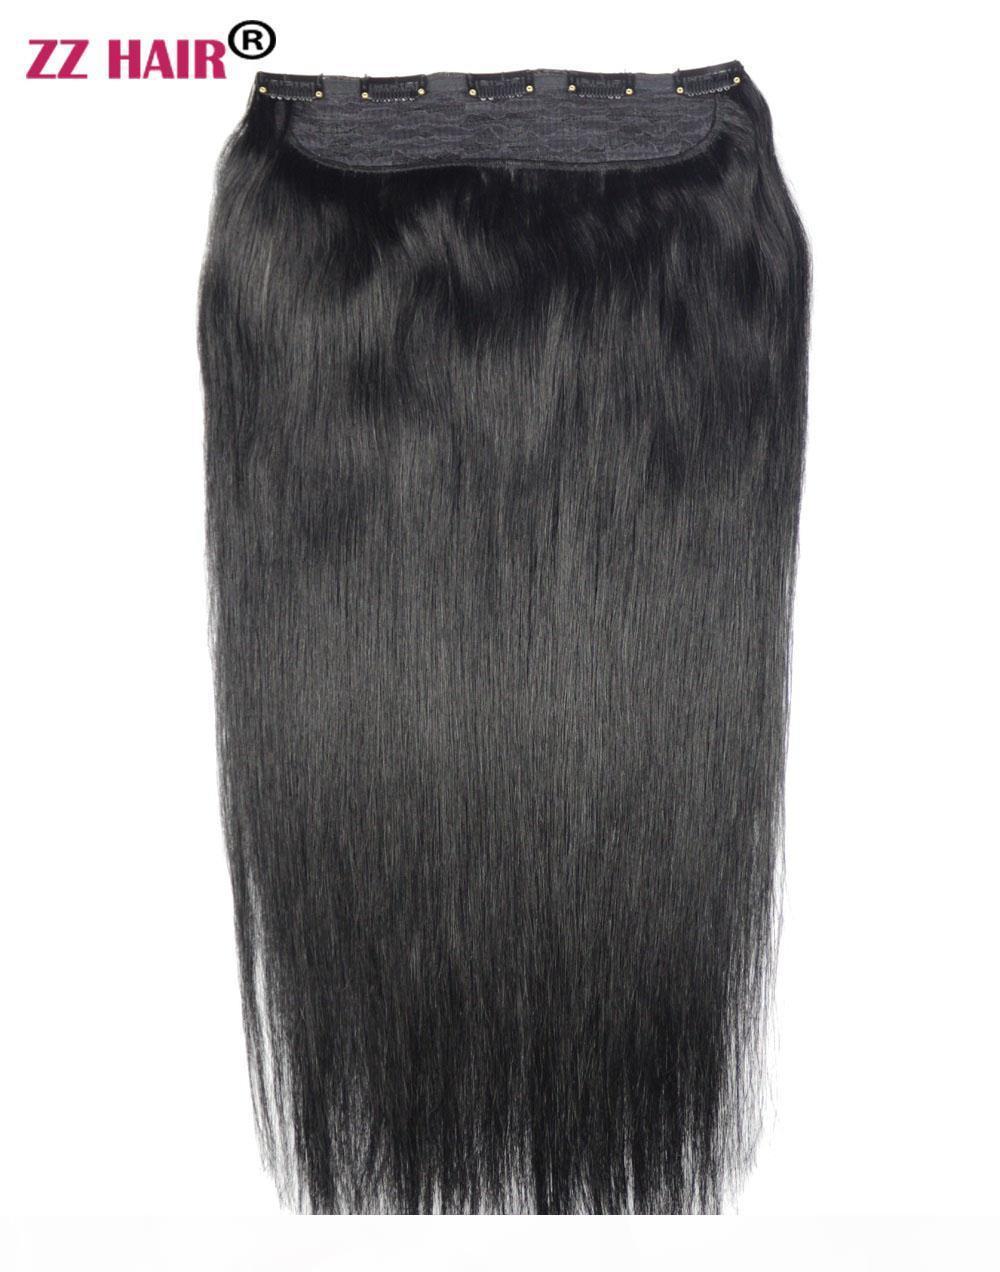 """16 """"-28"""" 100% бразильские реми люди человеческие волосы 180g 1 шт. Установите клипы в наращивание человеческих волос Один кусок волос 5 клипов натуральные прямые"""